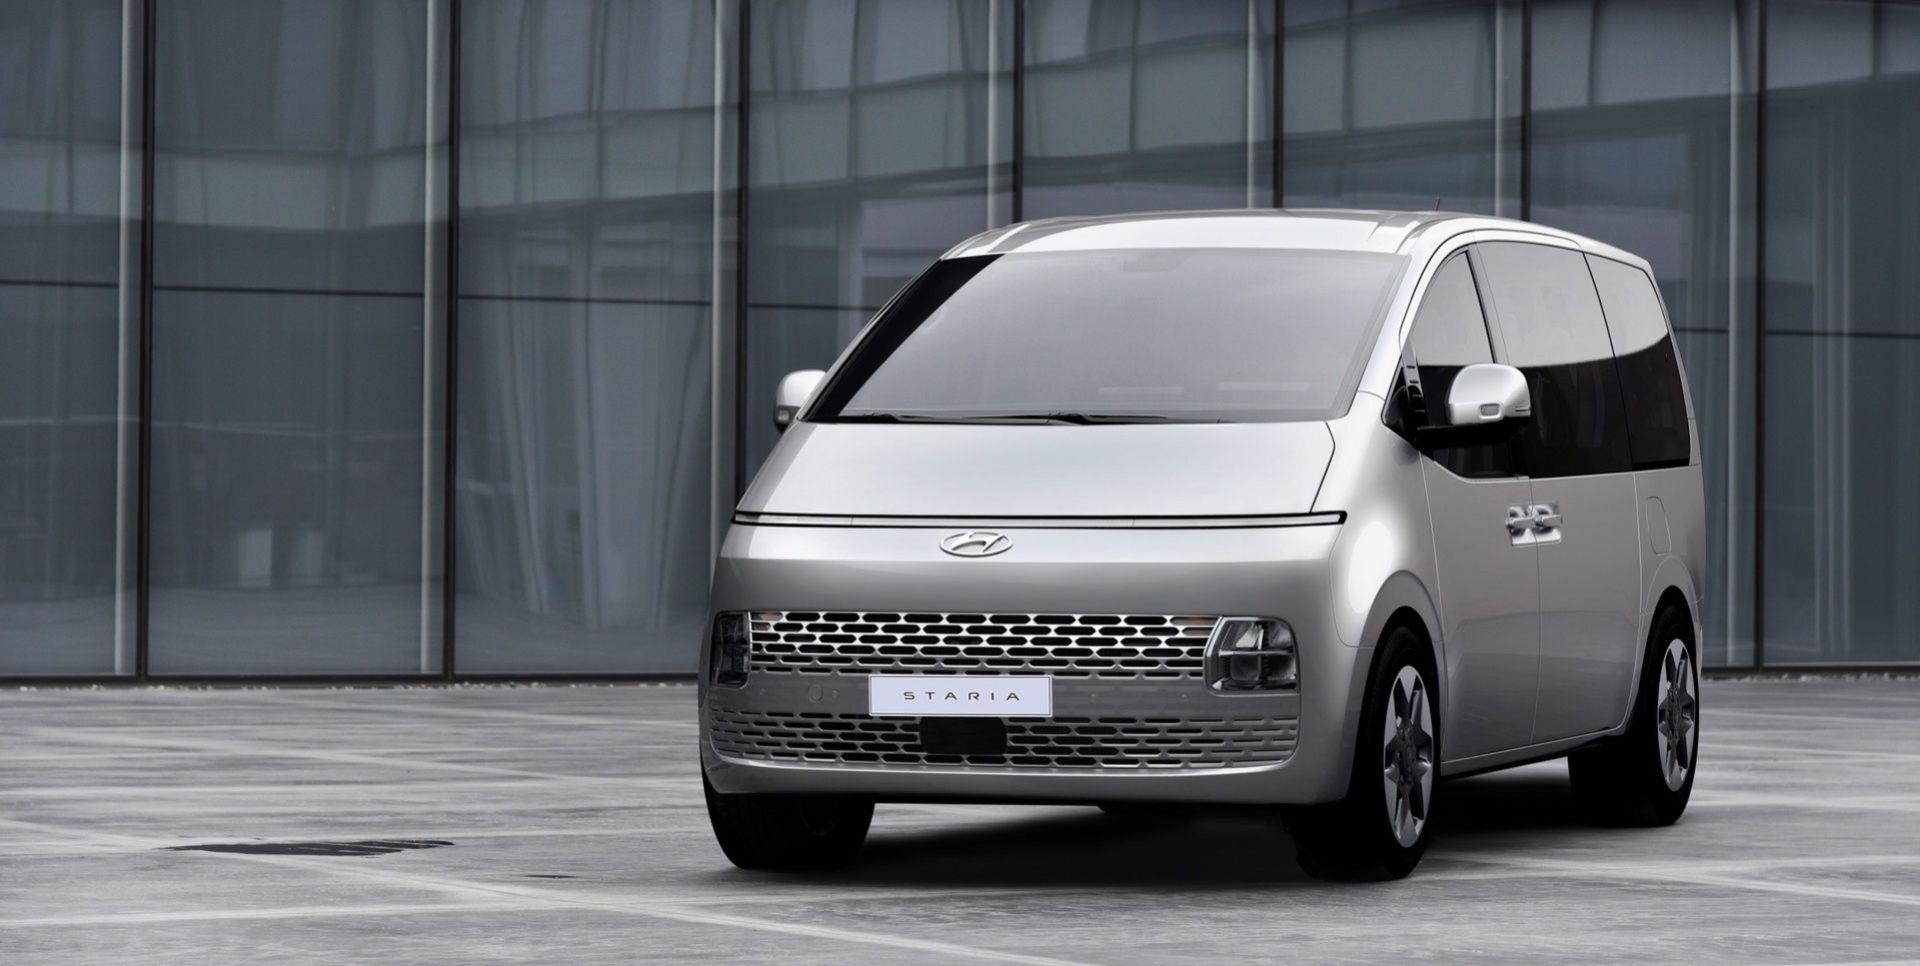 Hyundai visar upp minibussen Staria